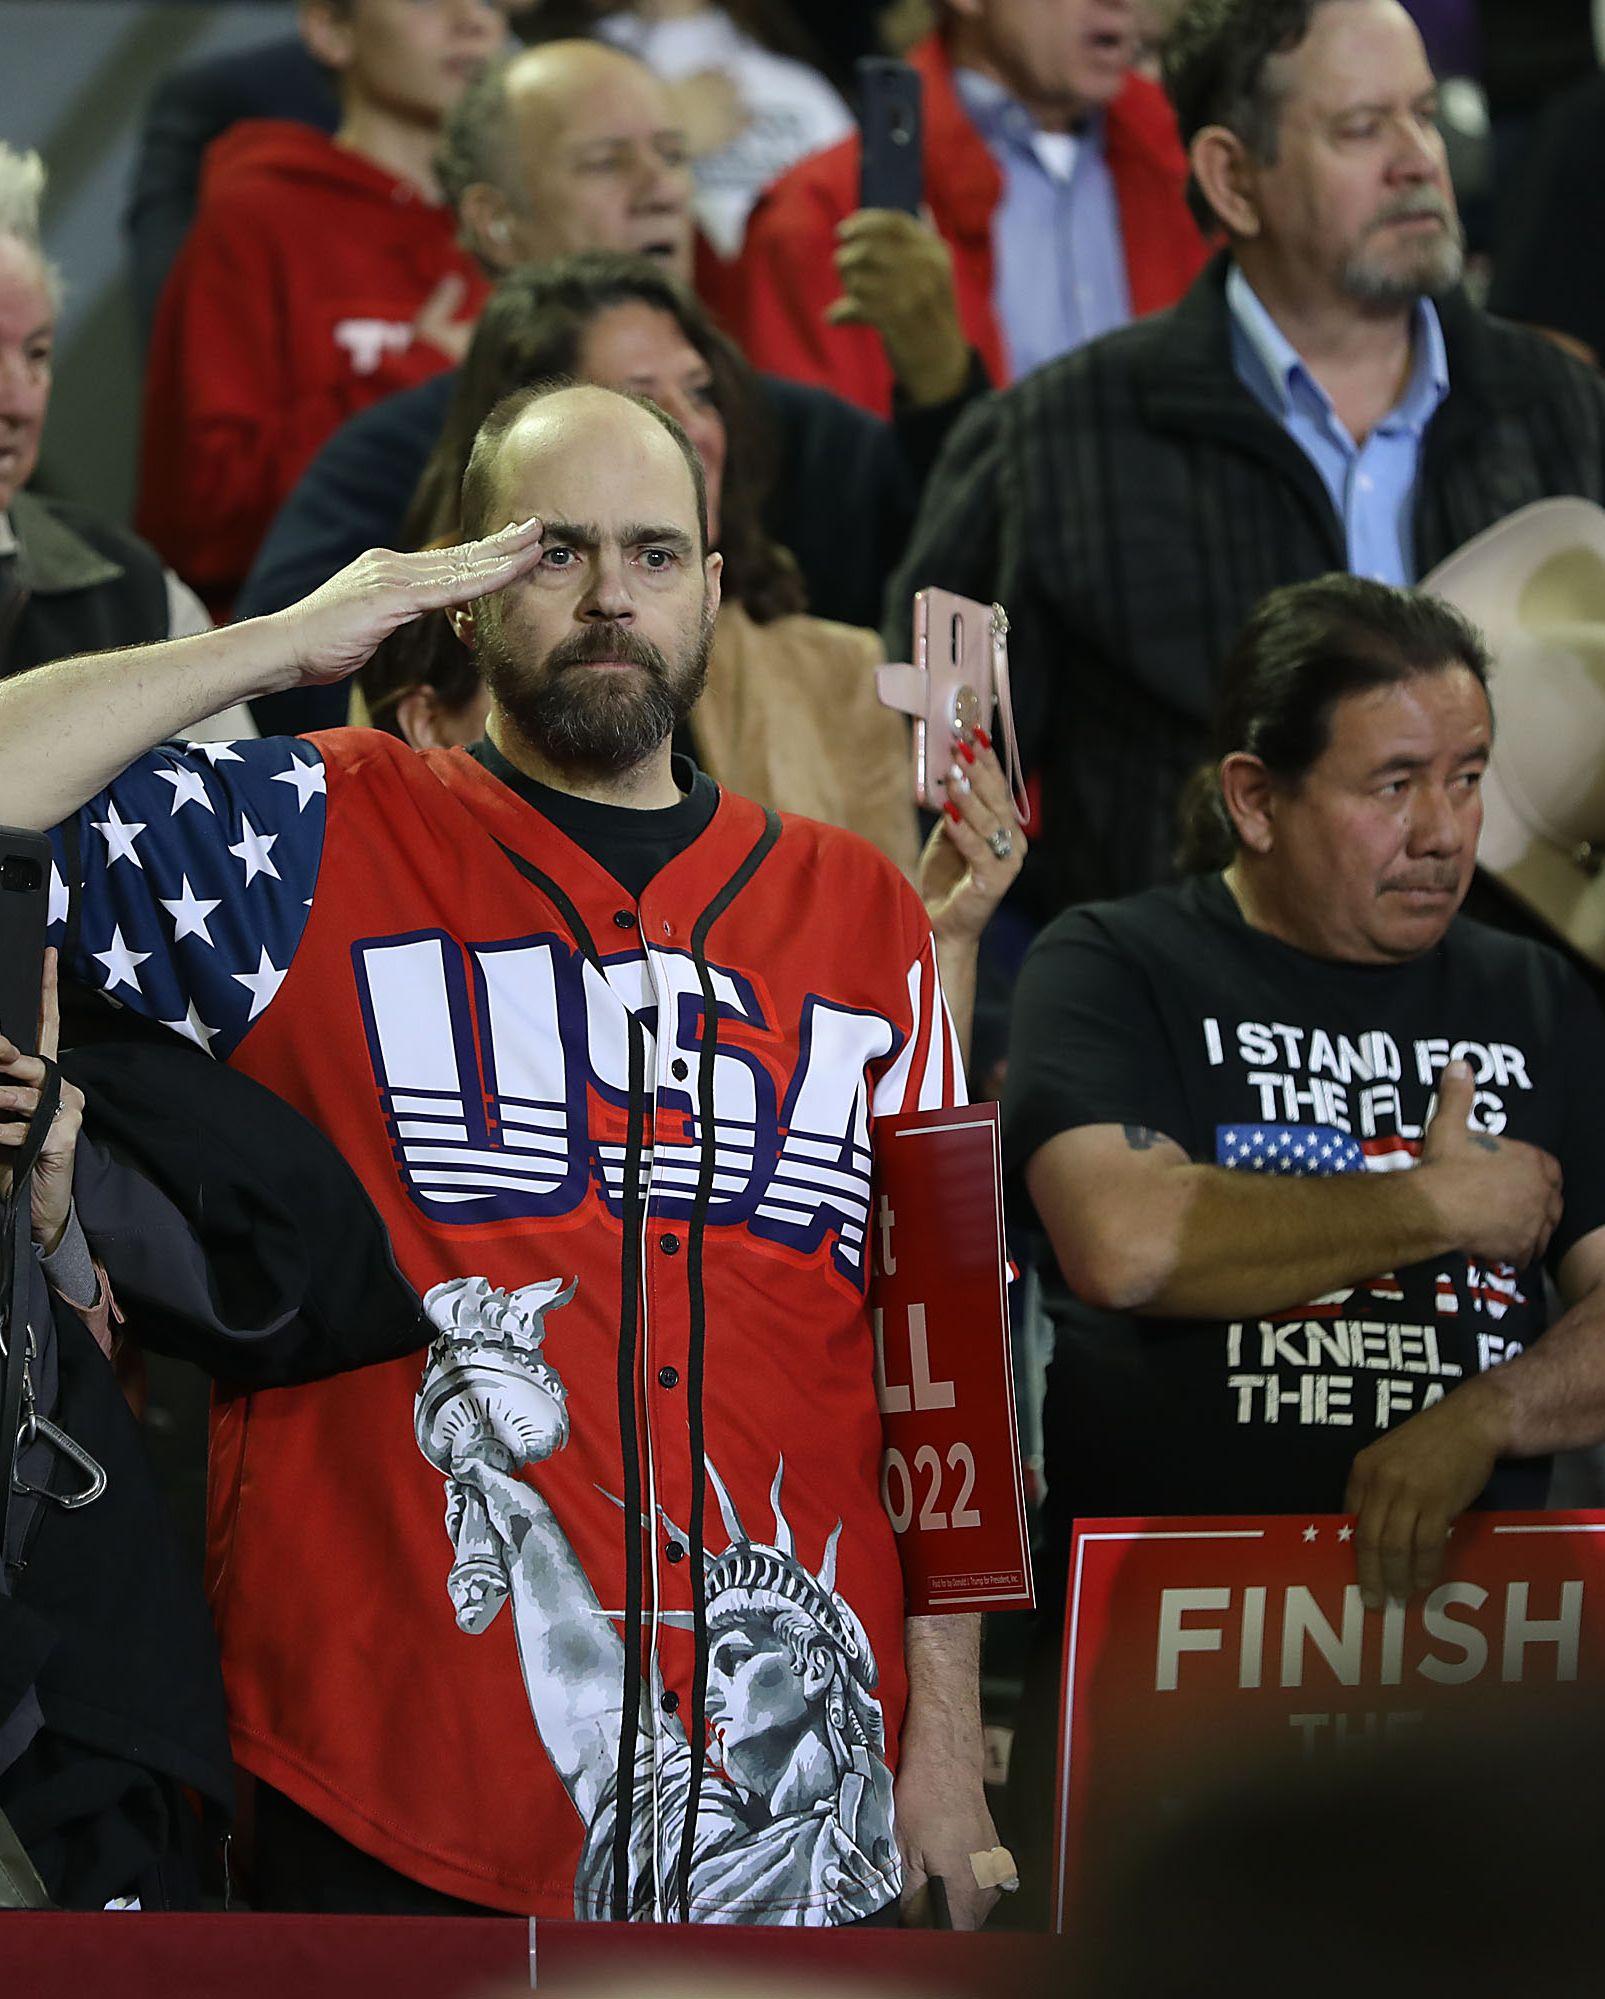 A man at a Trump rally in El Paso salutes.